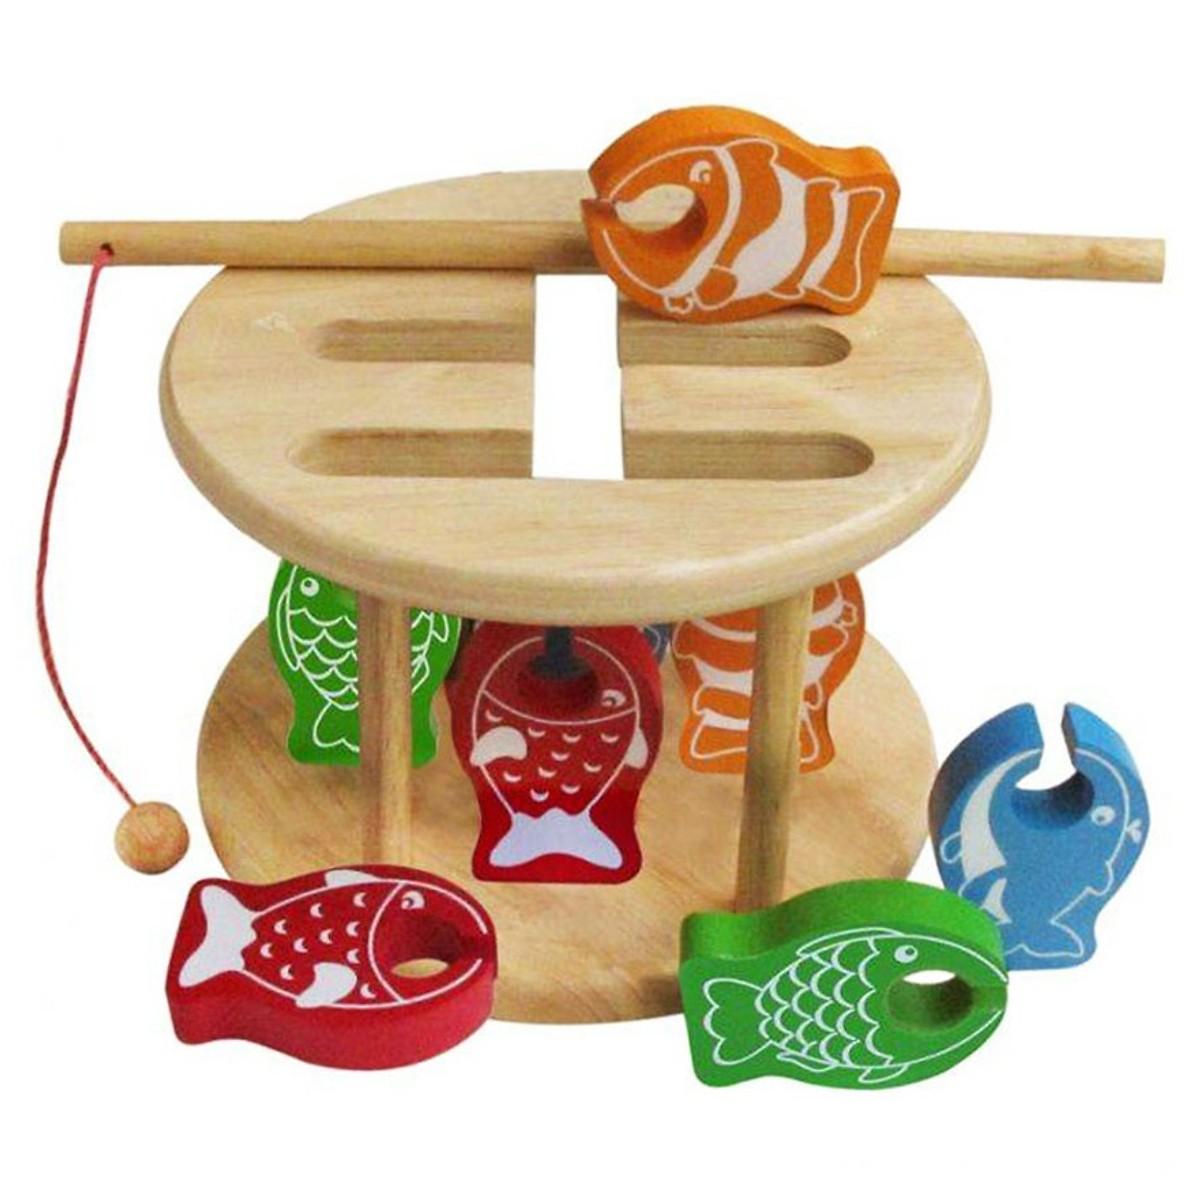 Đồ Chơi Thử Thách Câu Cá Mk - Đồ chơi gỗ